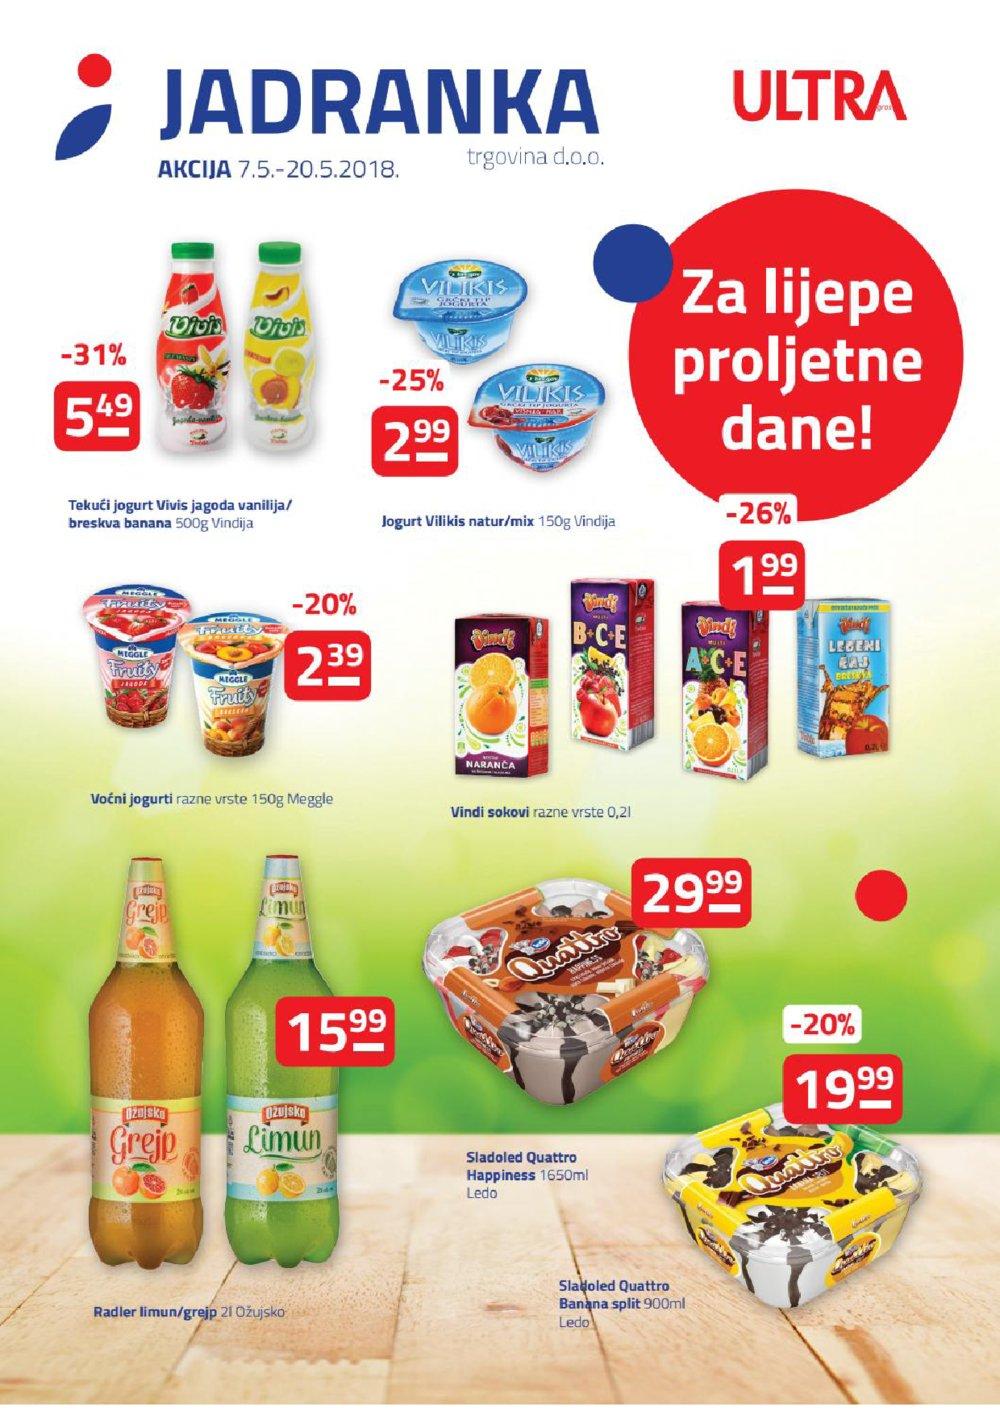 Jadranka katalog Akcija 07.05.-20.05.2018.